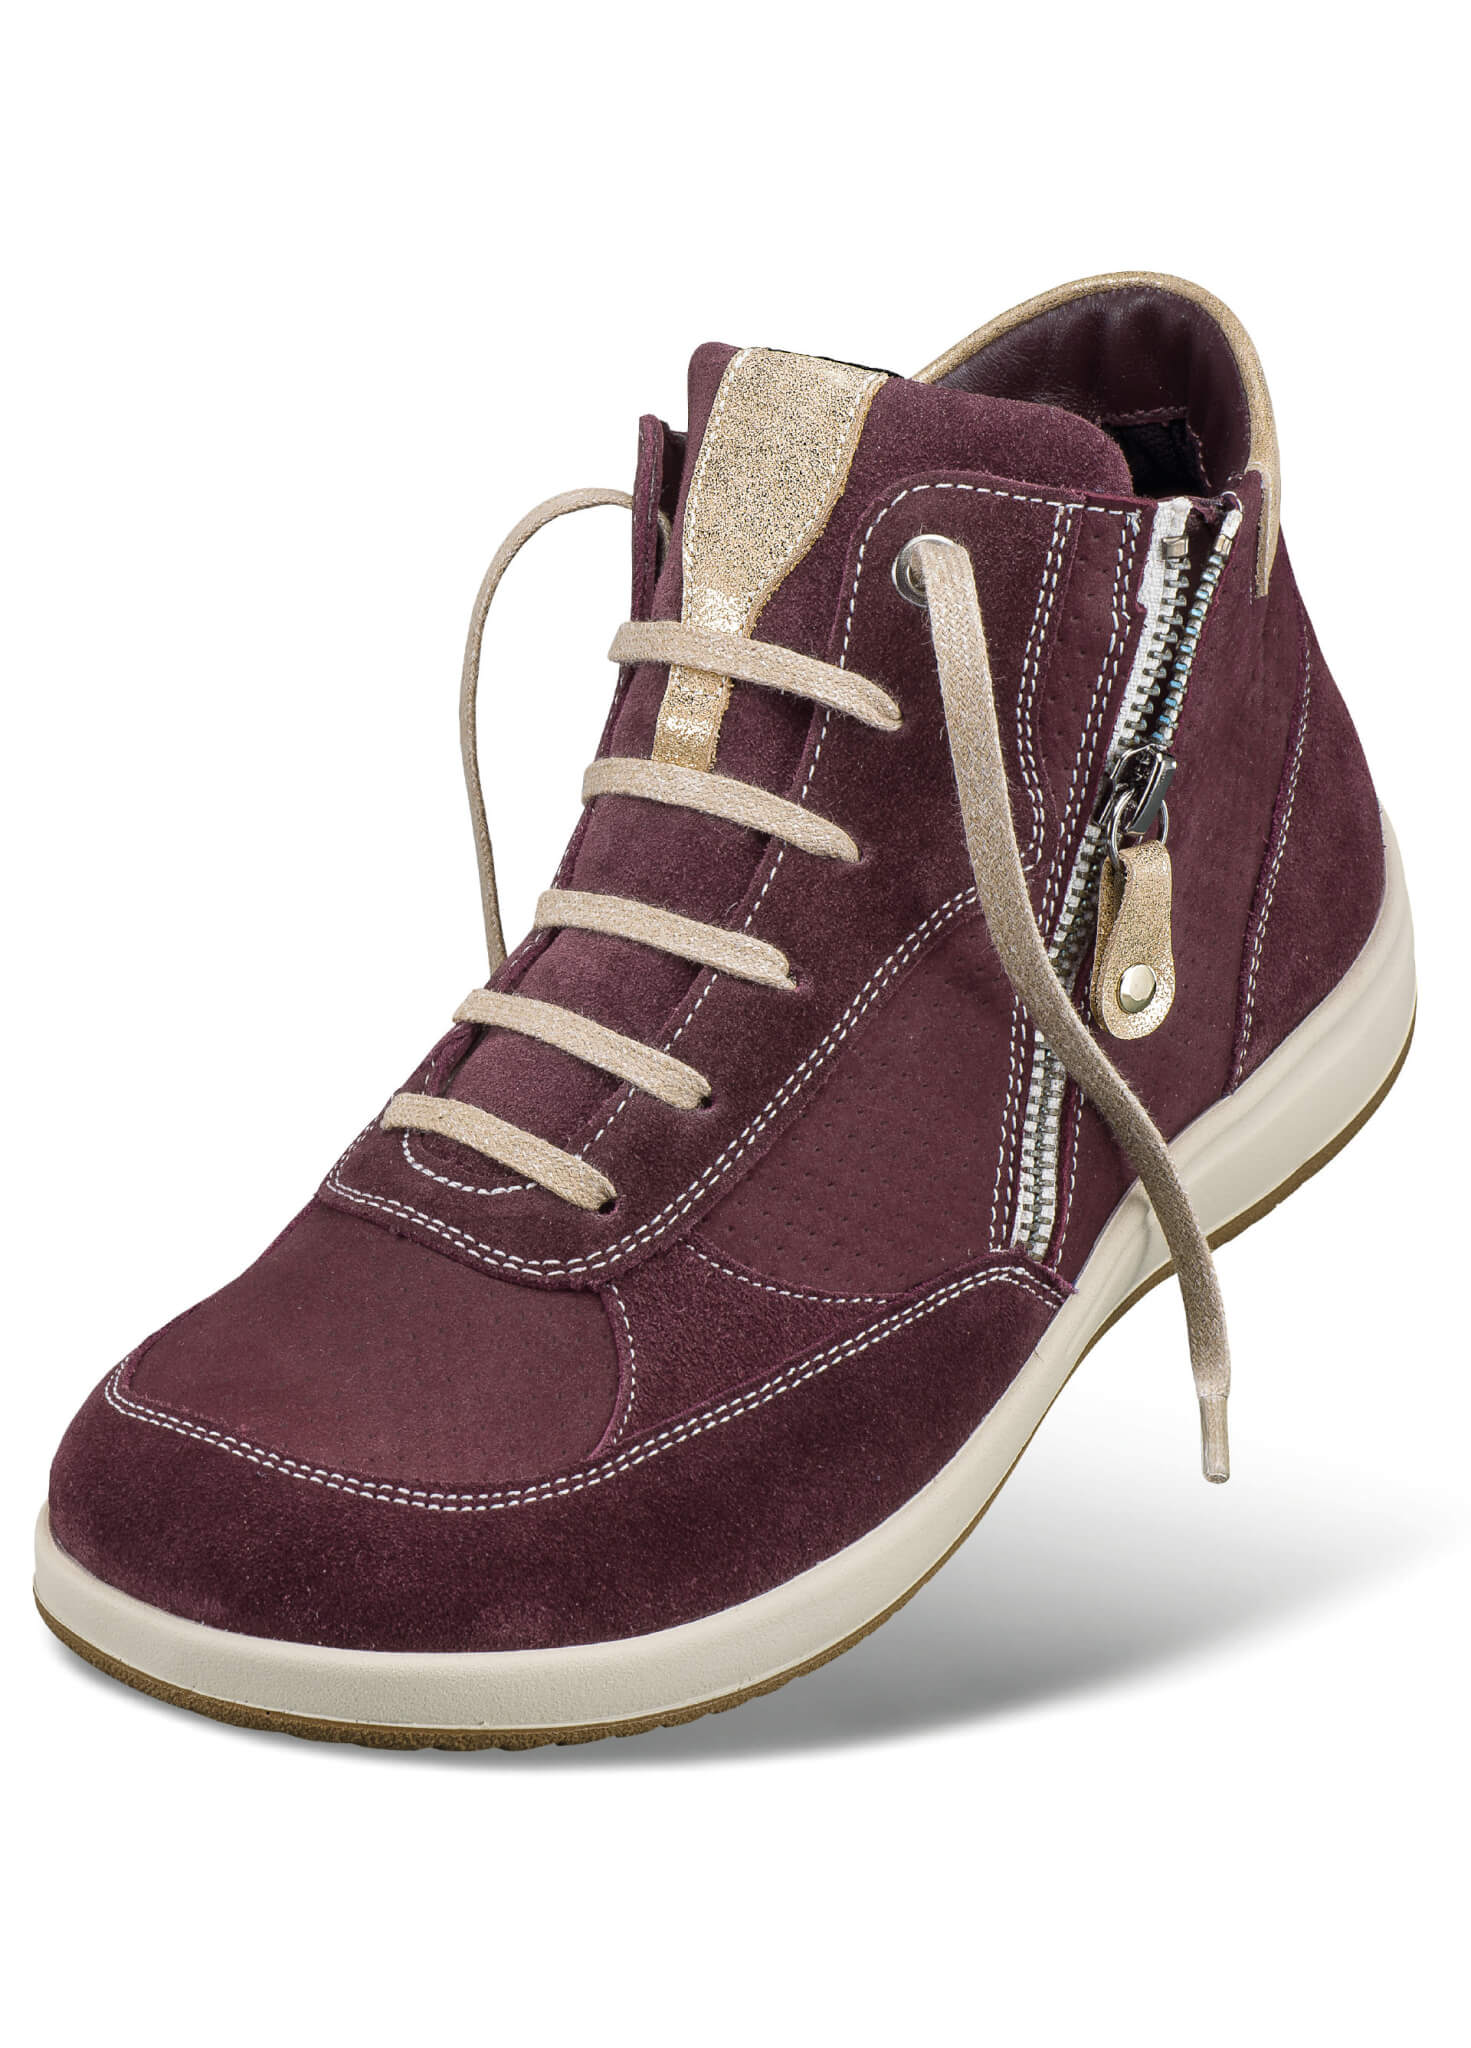 Brede schoenen brede voeten en hoge wreef Enkellaarsjes